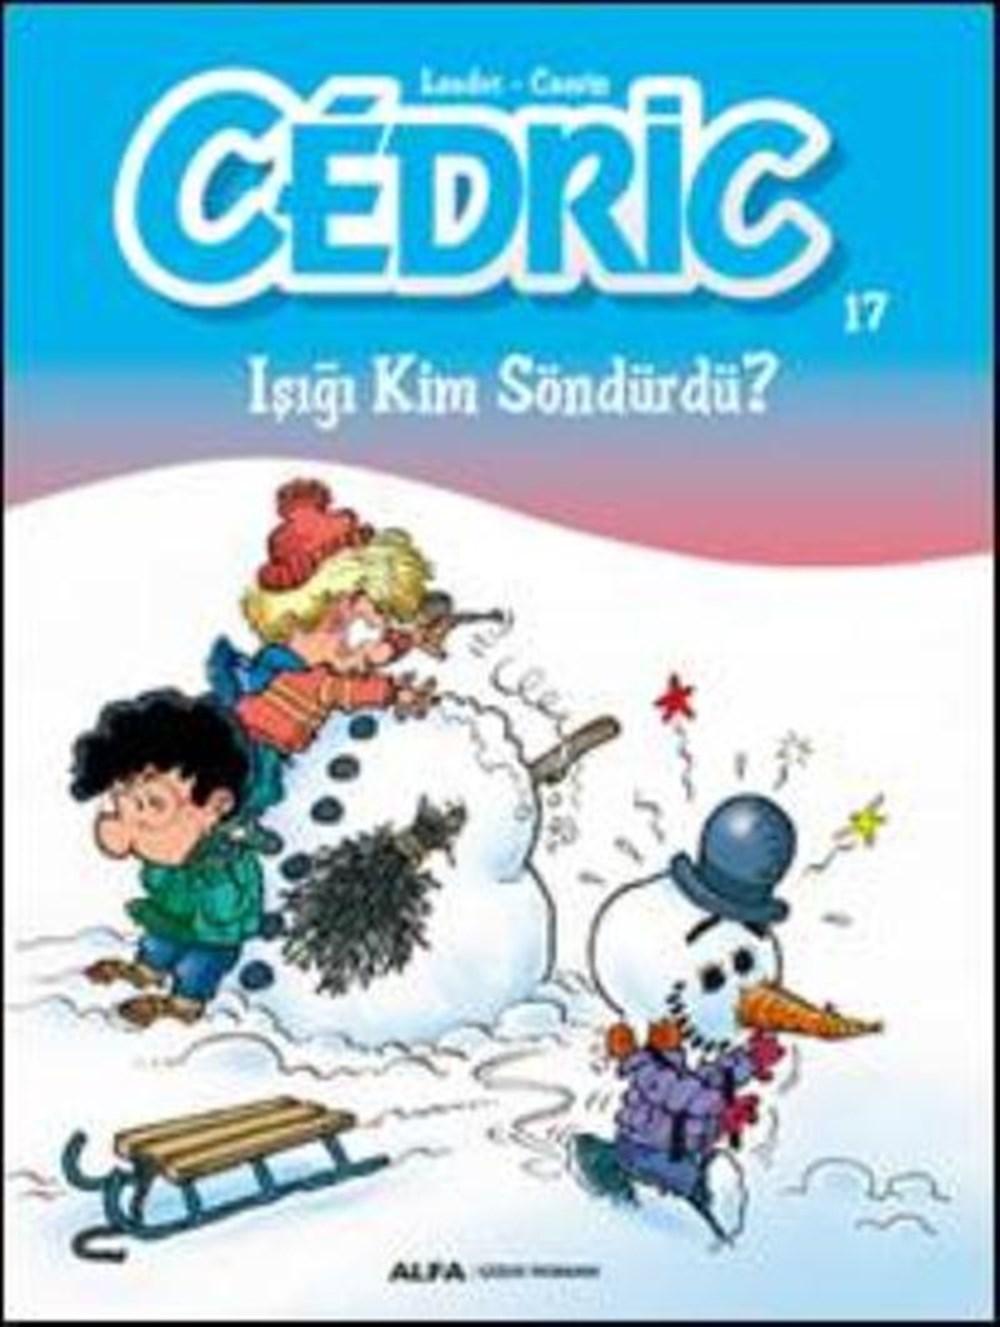 Cedric 17 - Işığı Kim Söndürdü?